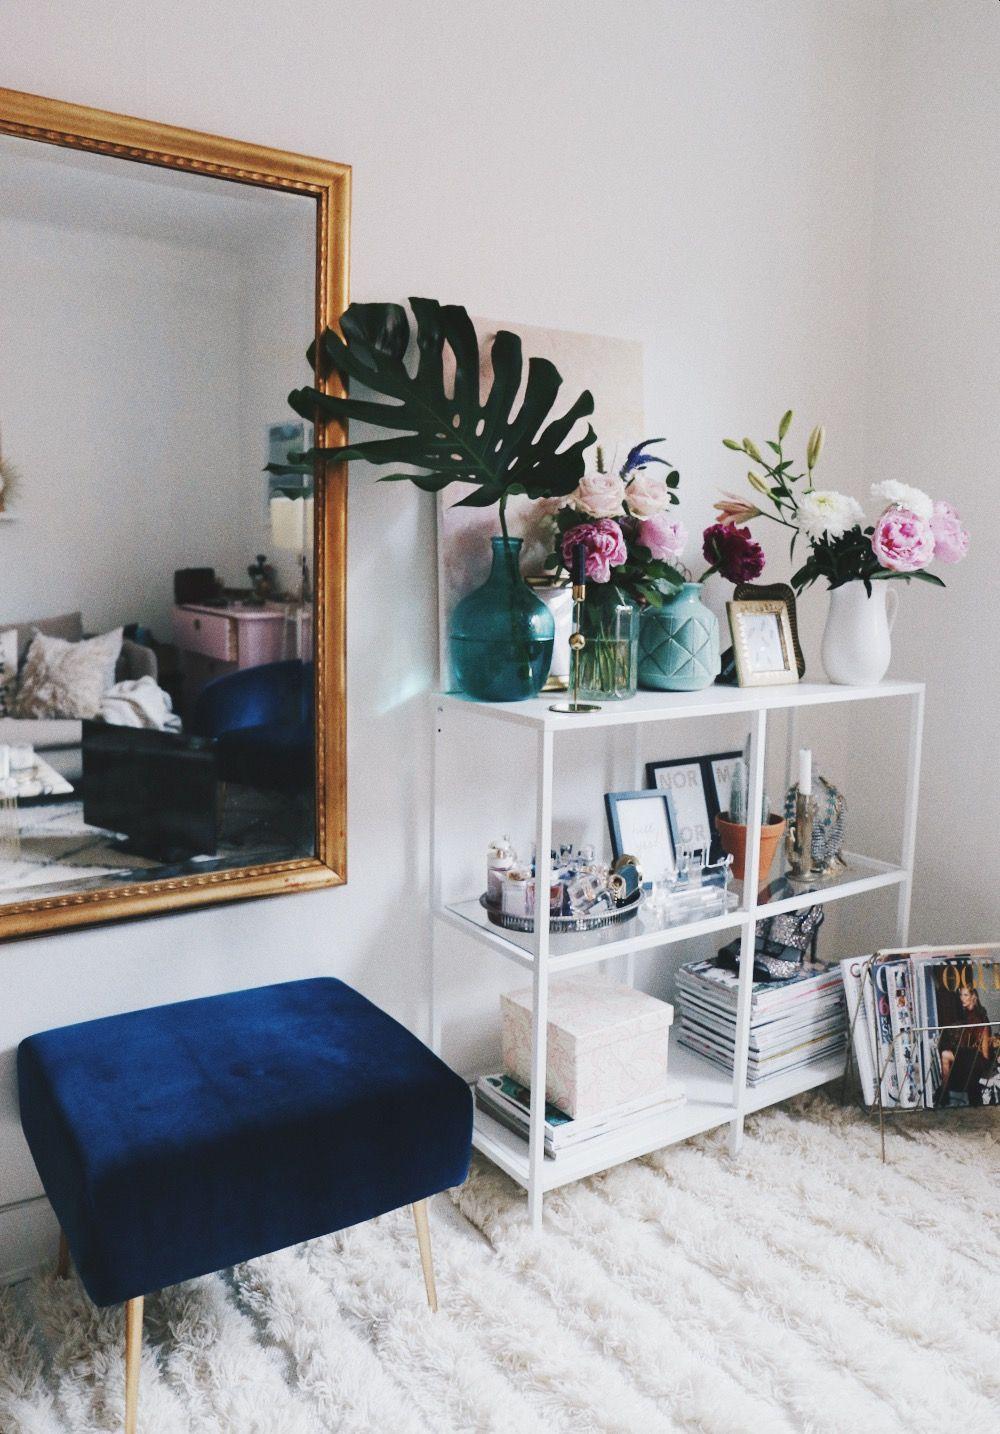 pin von adnana glodic auf schlafen pinterest wohnzimmer wohnung wohnzimmer und zuhause. Black Bedroom Furniture Sets. Home Design Ideas